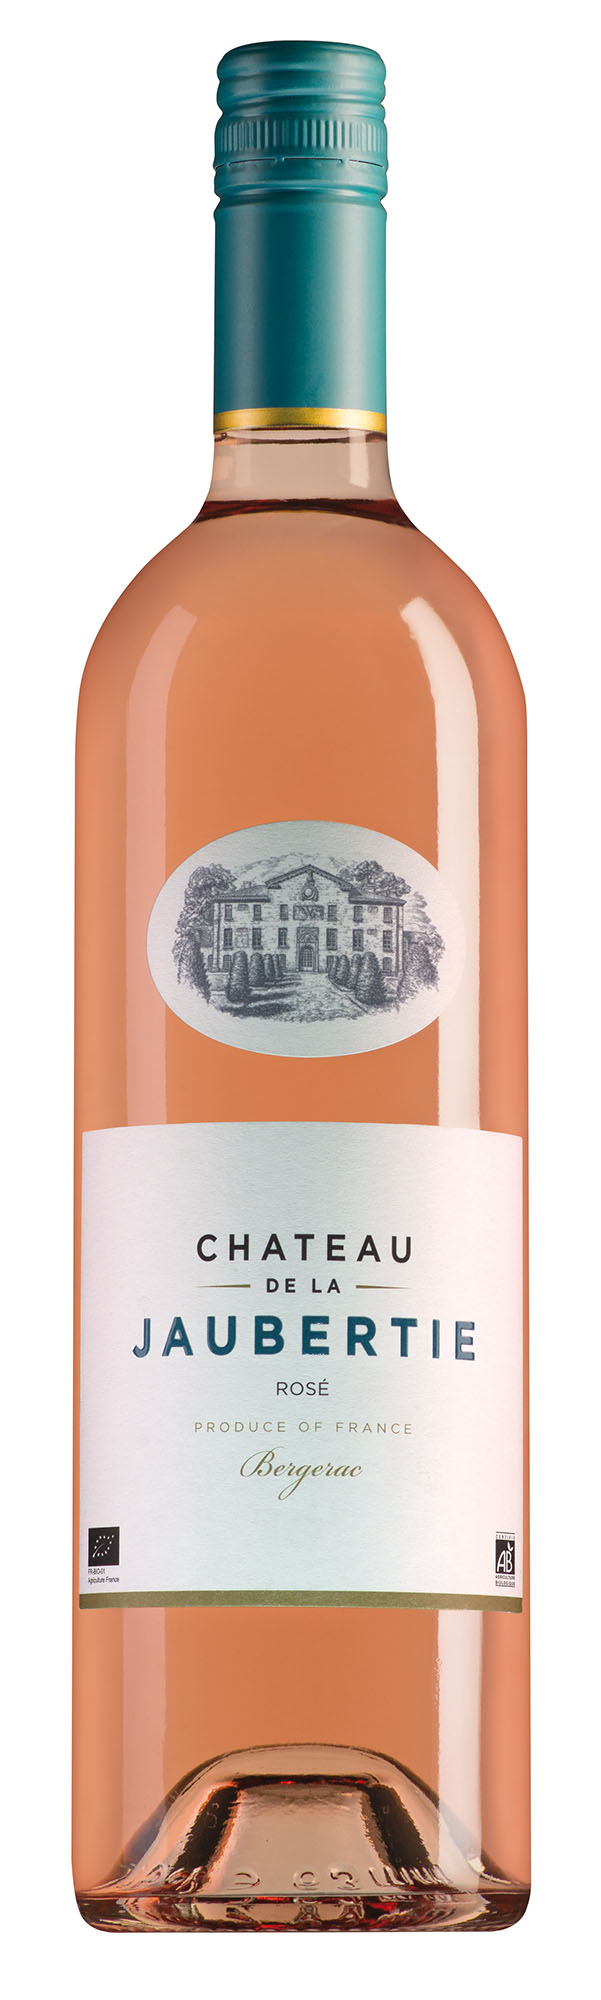 Château de la Jaubertie Bergerac rosé